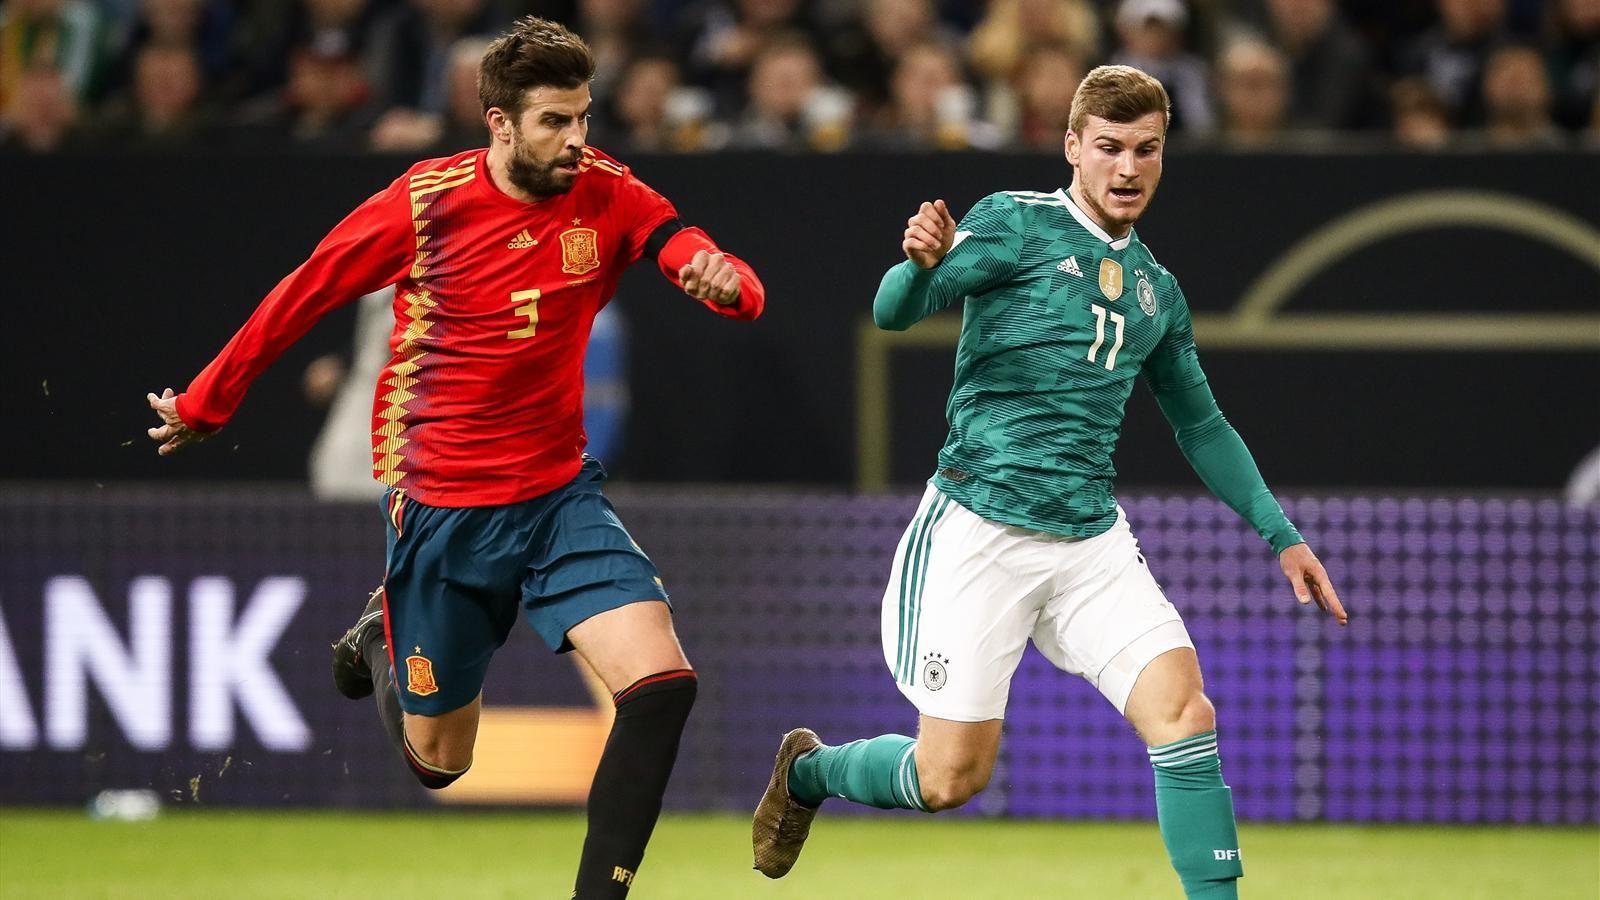 Англия — Испания. Прогноз на товарищеский матч (15.11.2016)